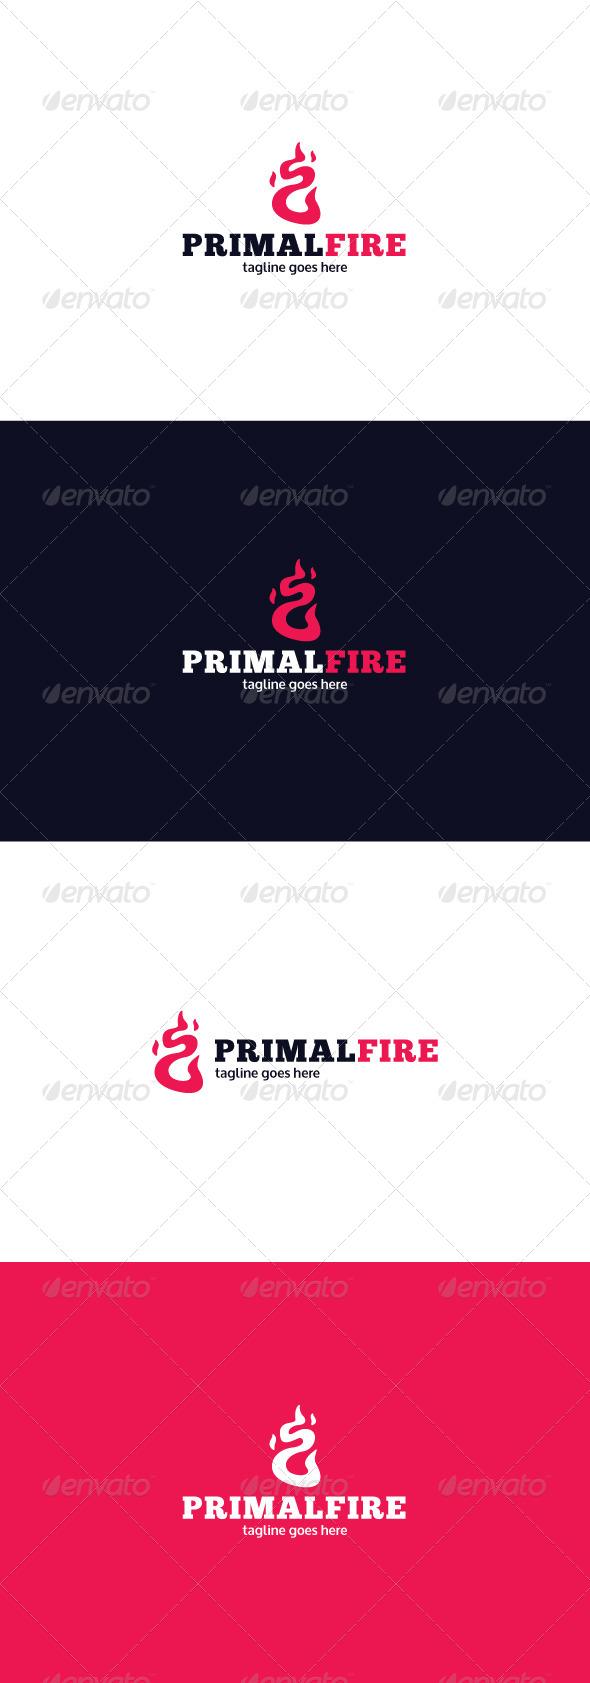 GraphicRiver Primal Fire Logo 8085936